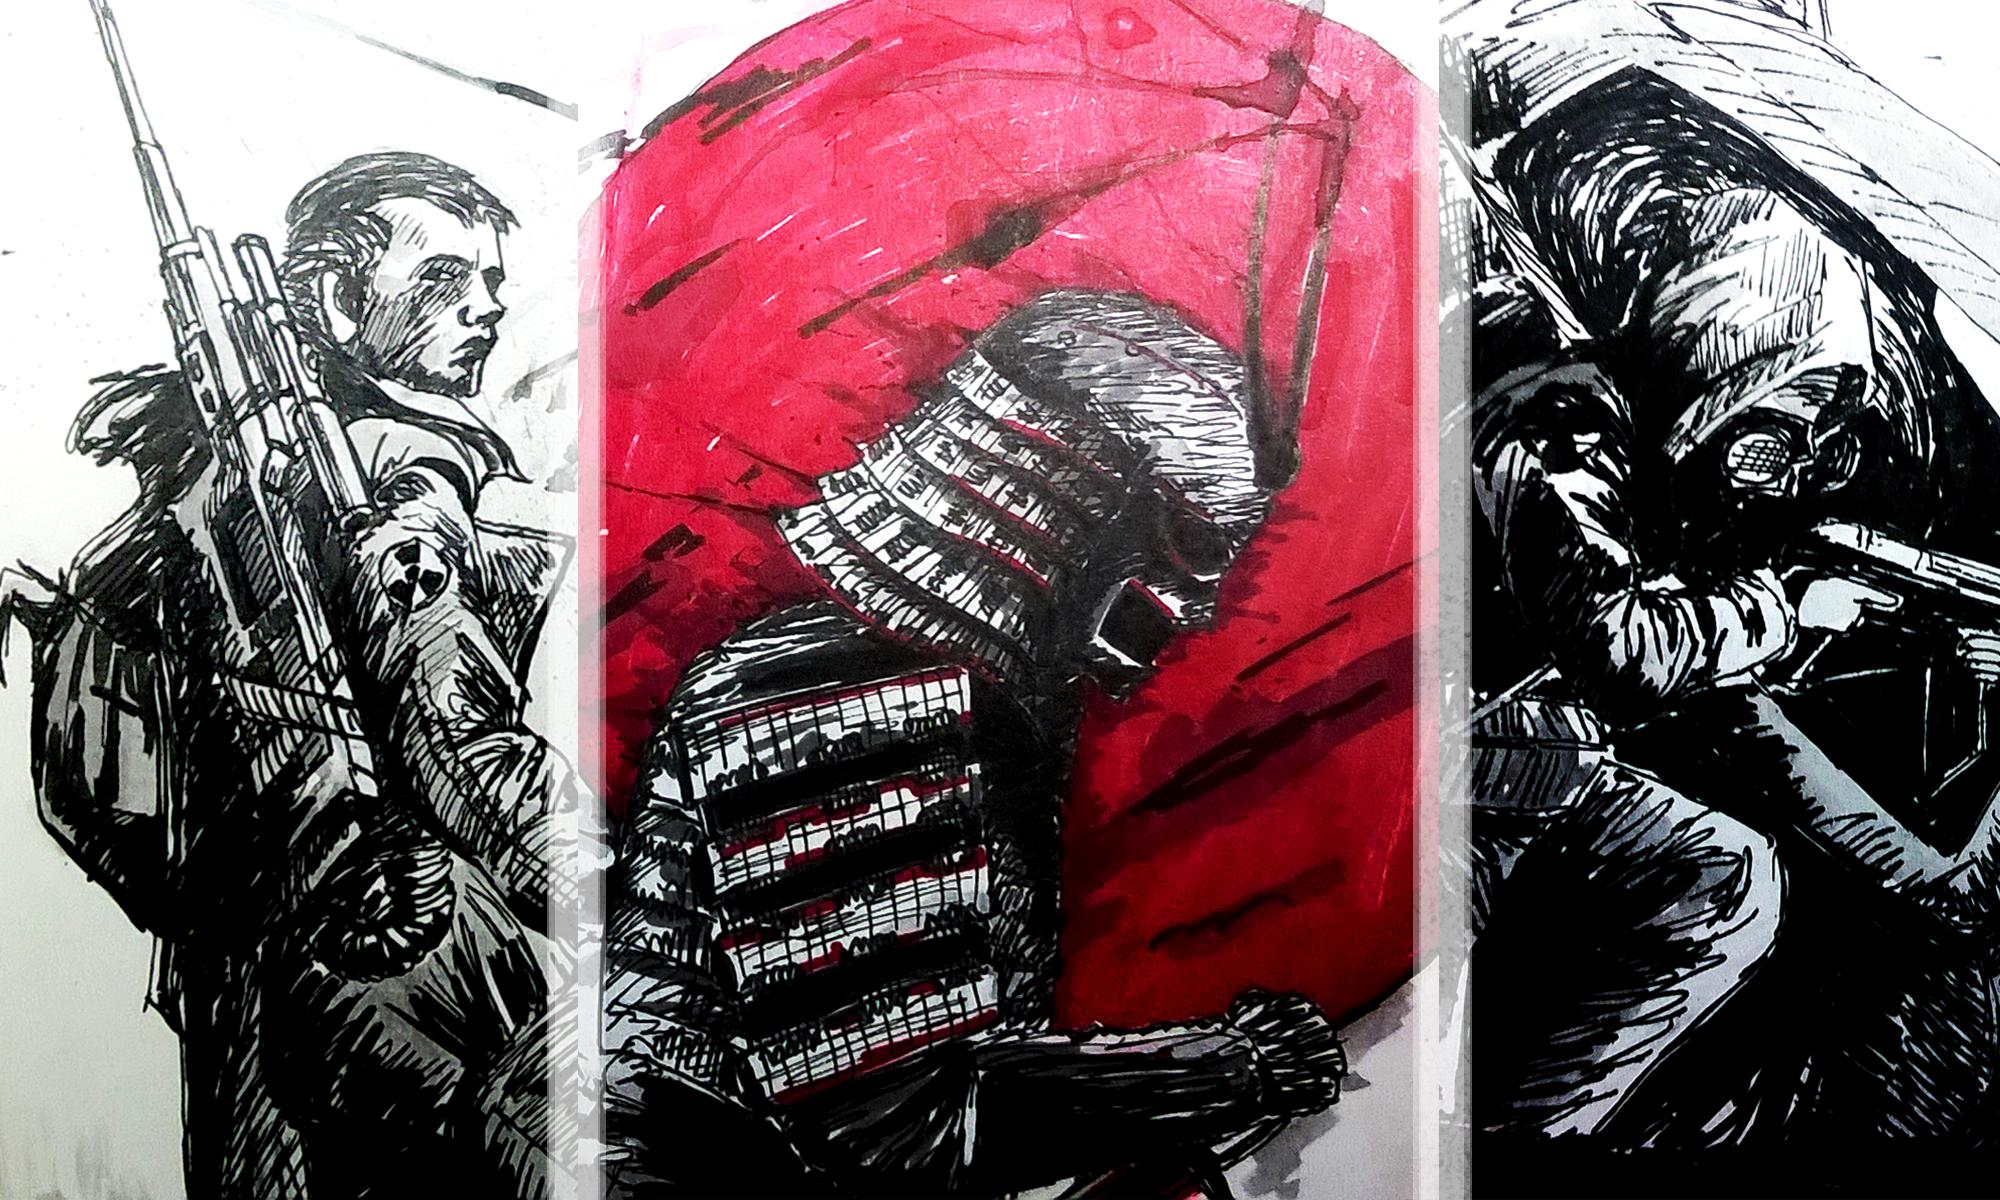 Pen drawing 1, 2, 3